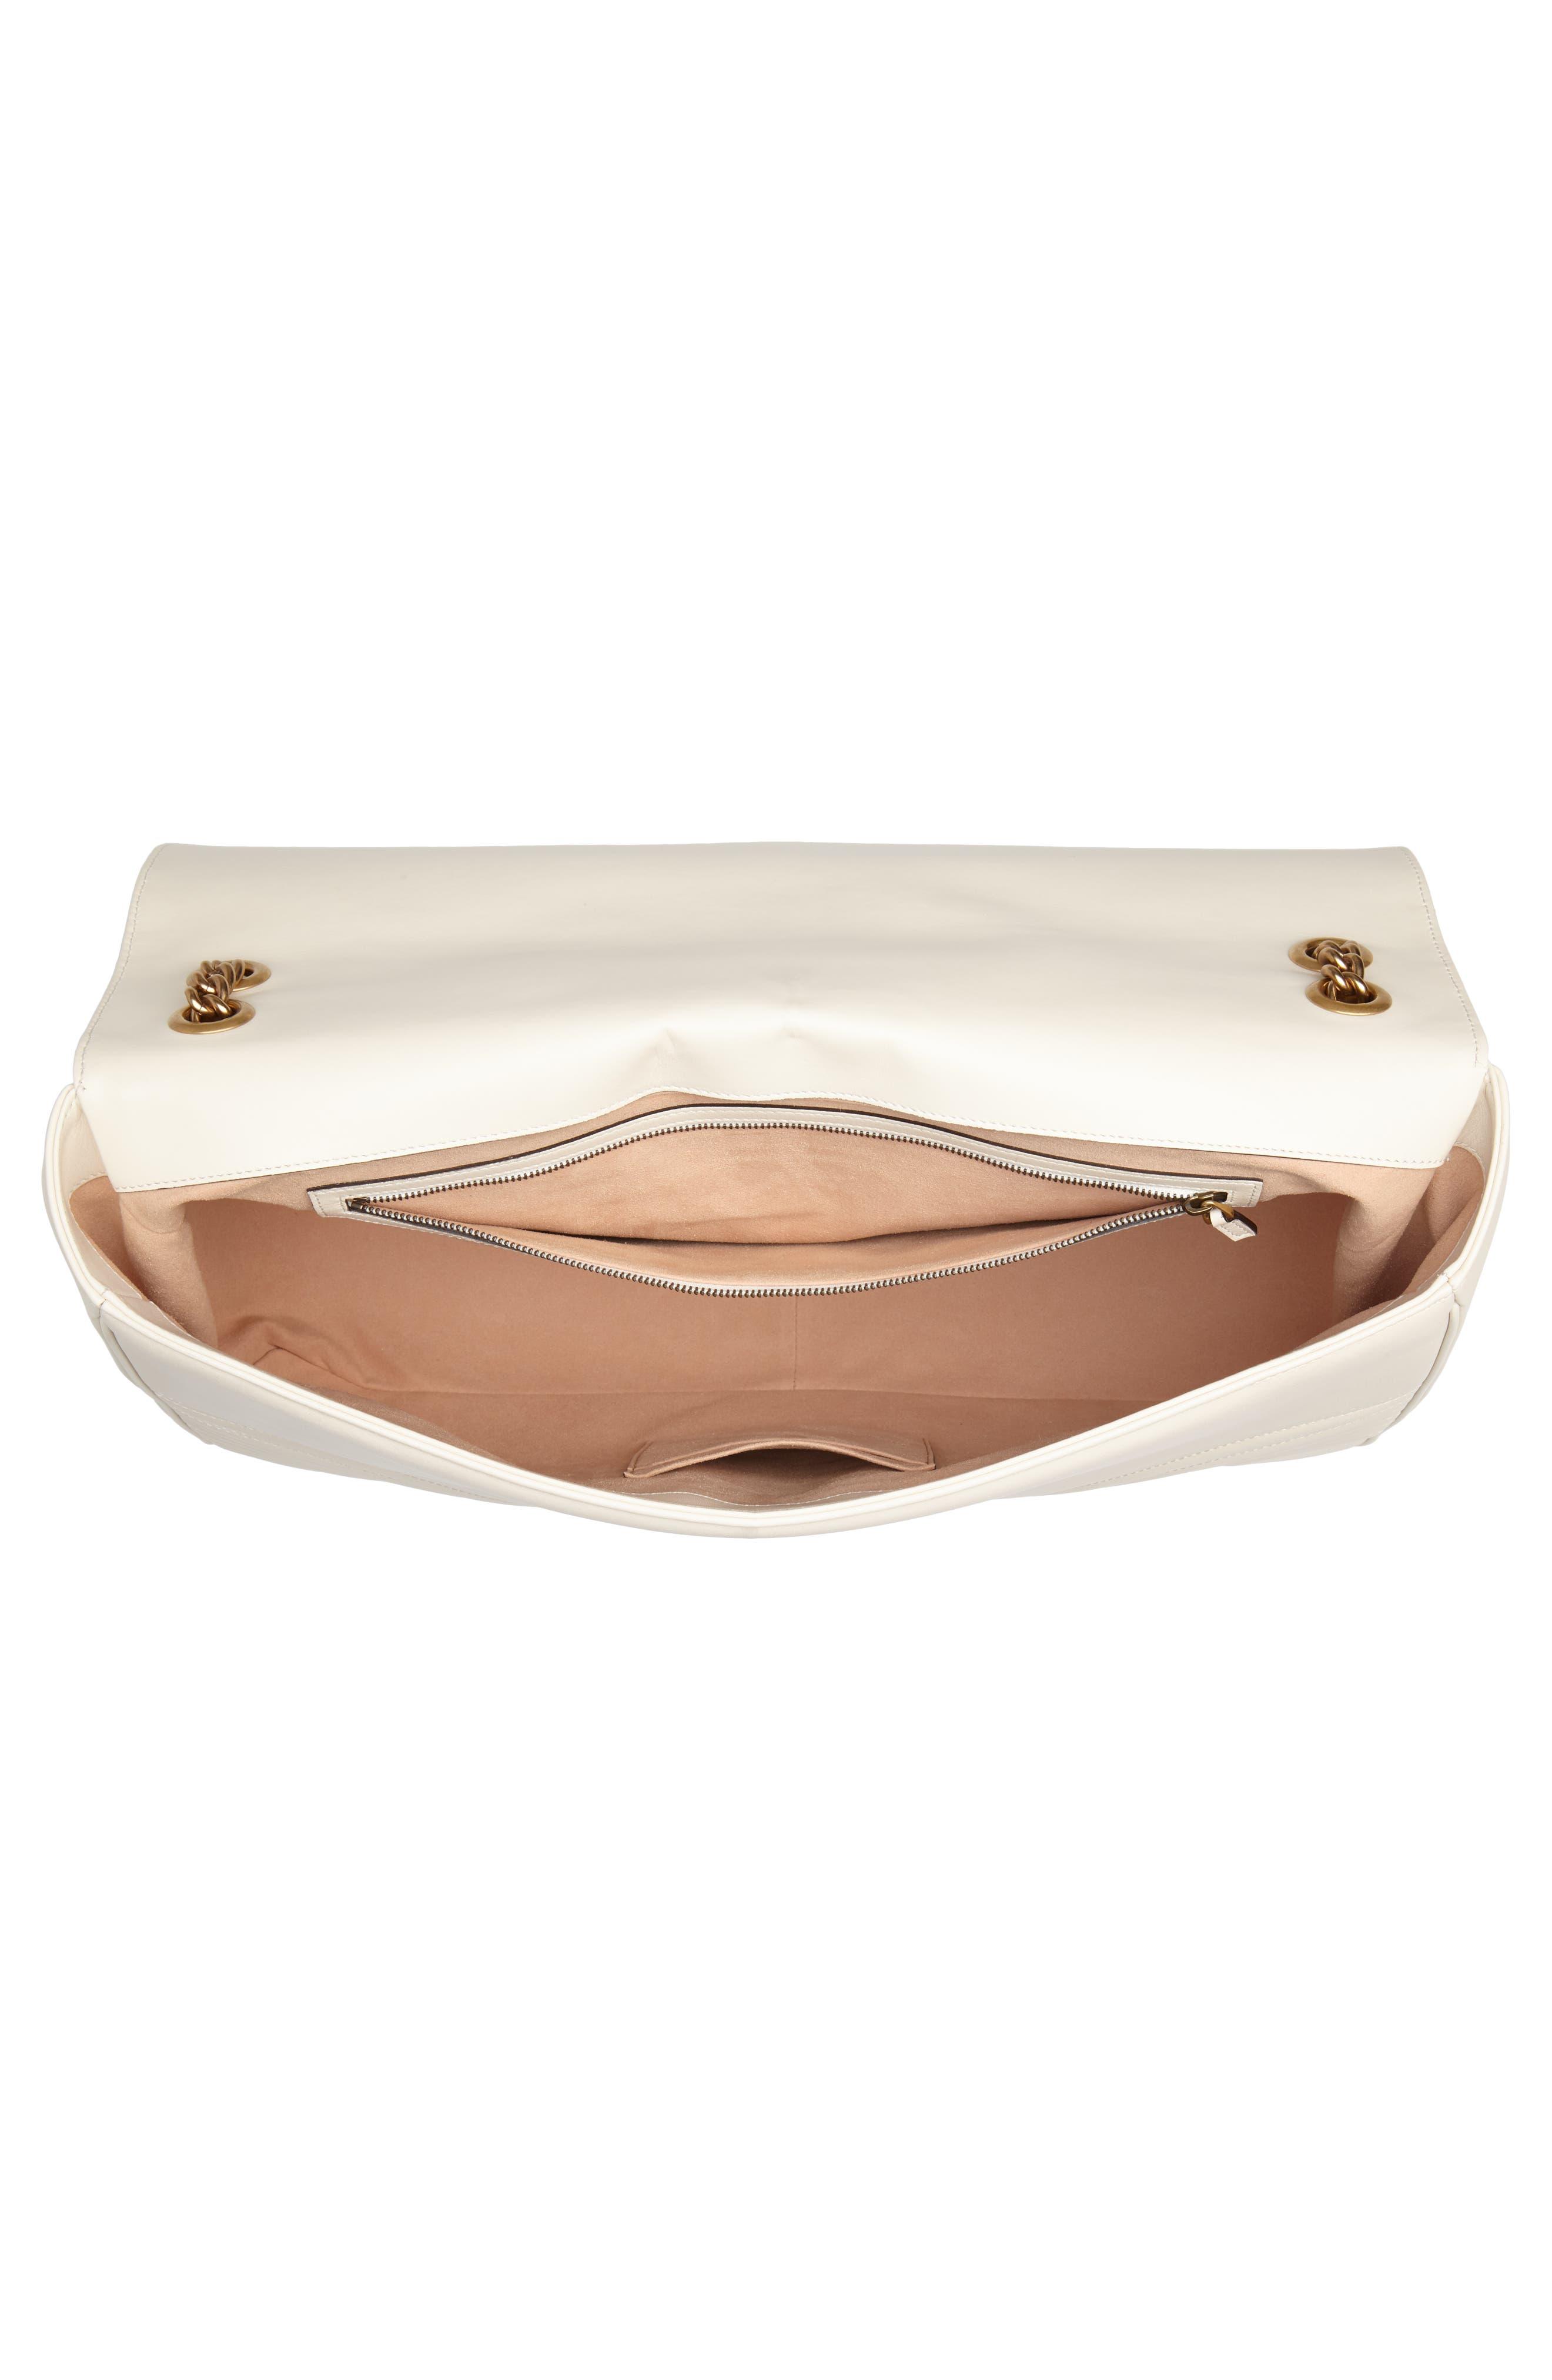 GG Marmont Maxi Matelassé Top Handle Shoulder Bag,                             Alternate thumbnail 4, color,                             White